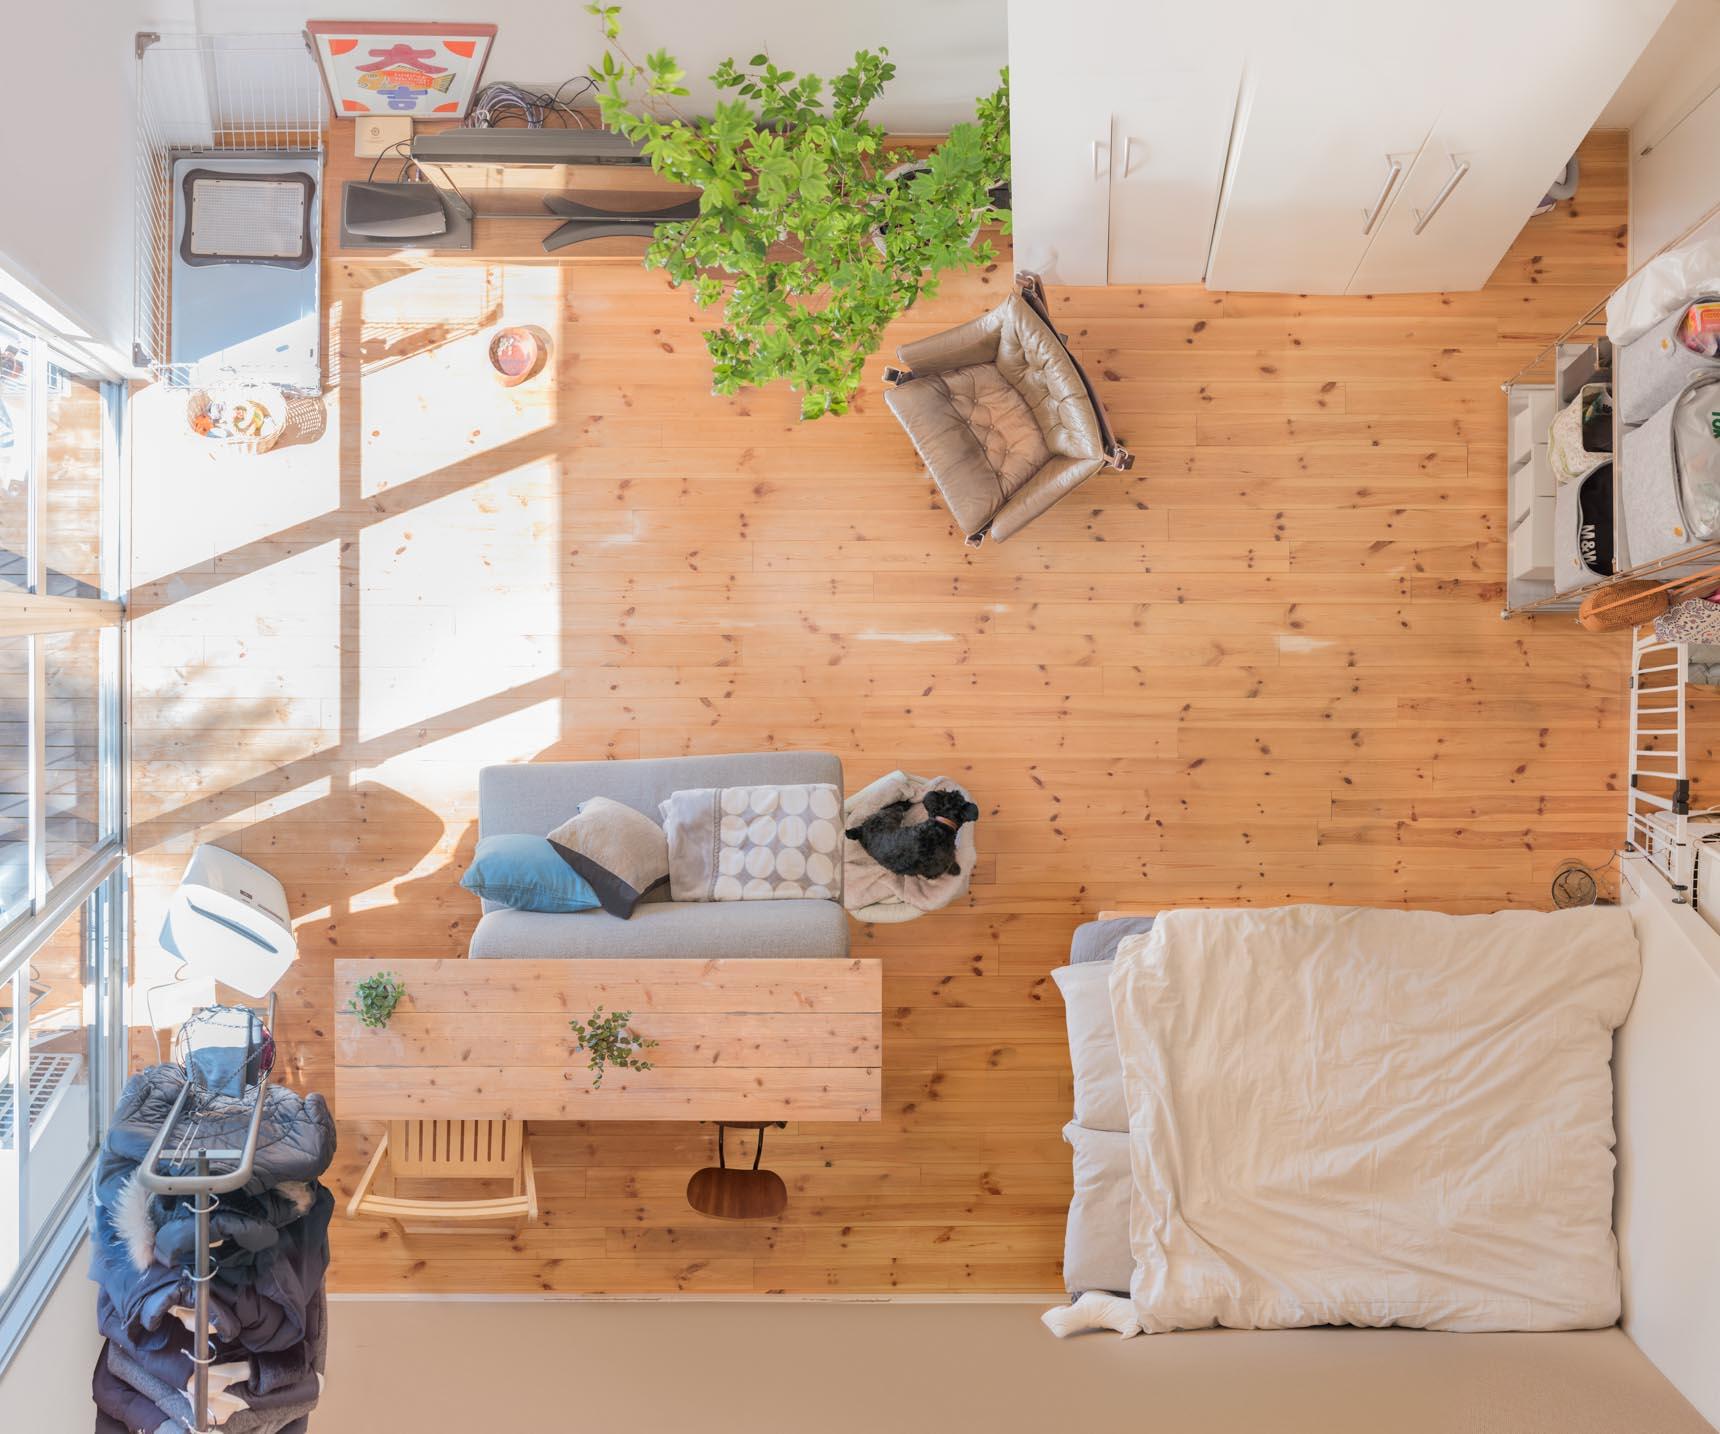 「窓からの風と緑を独り占めする、ふたり暮らしのワンルーム」こちらの記事もチェック!